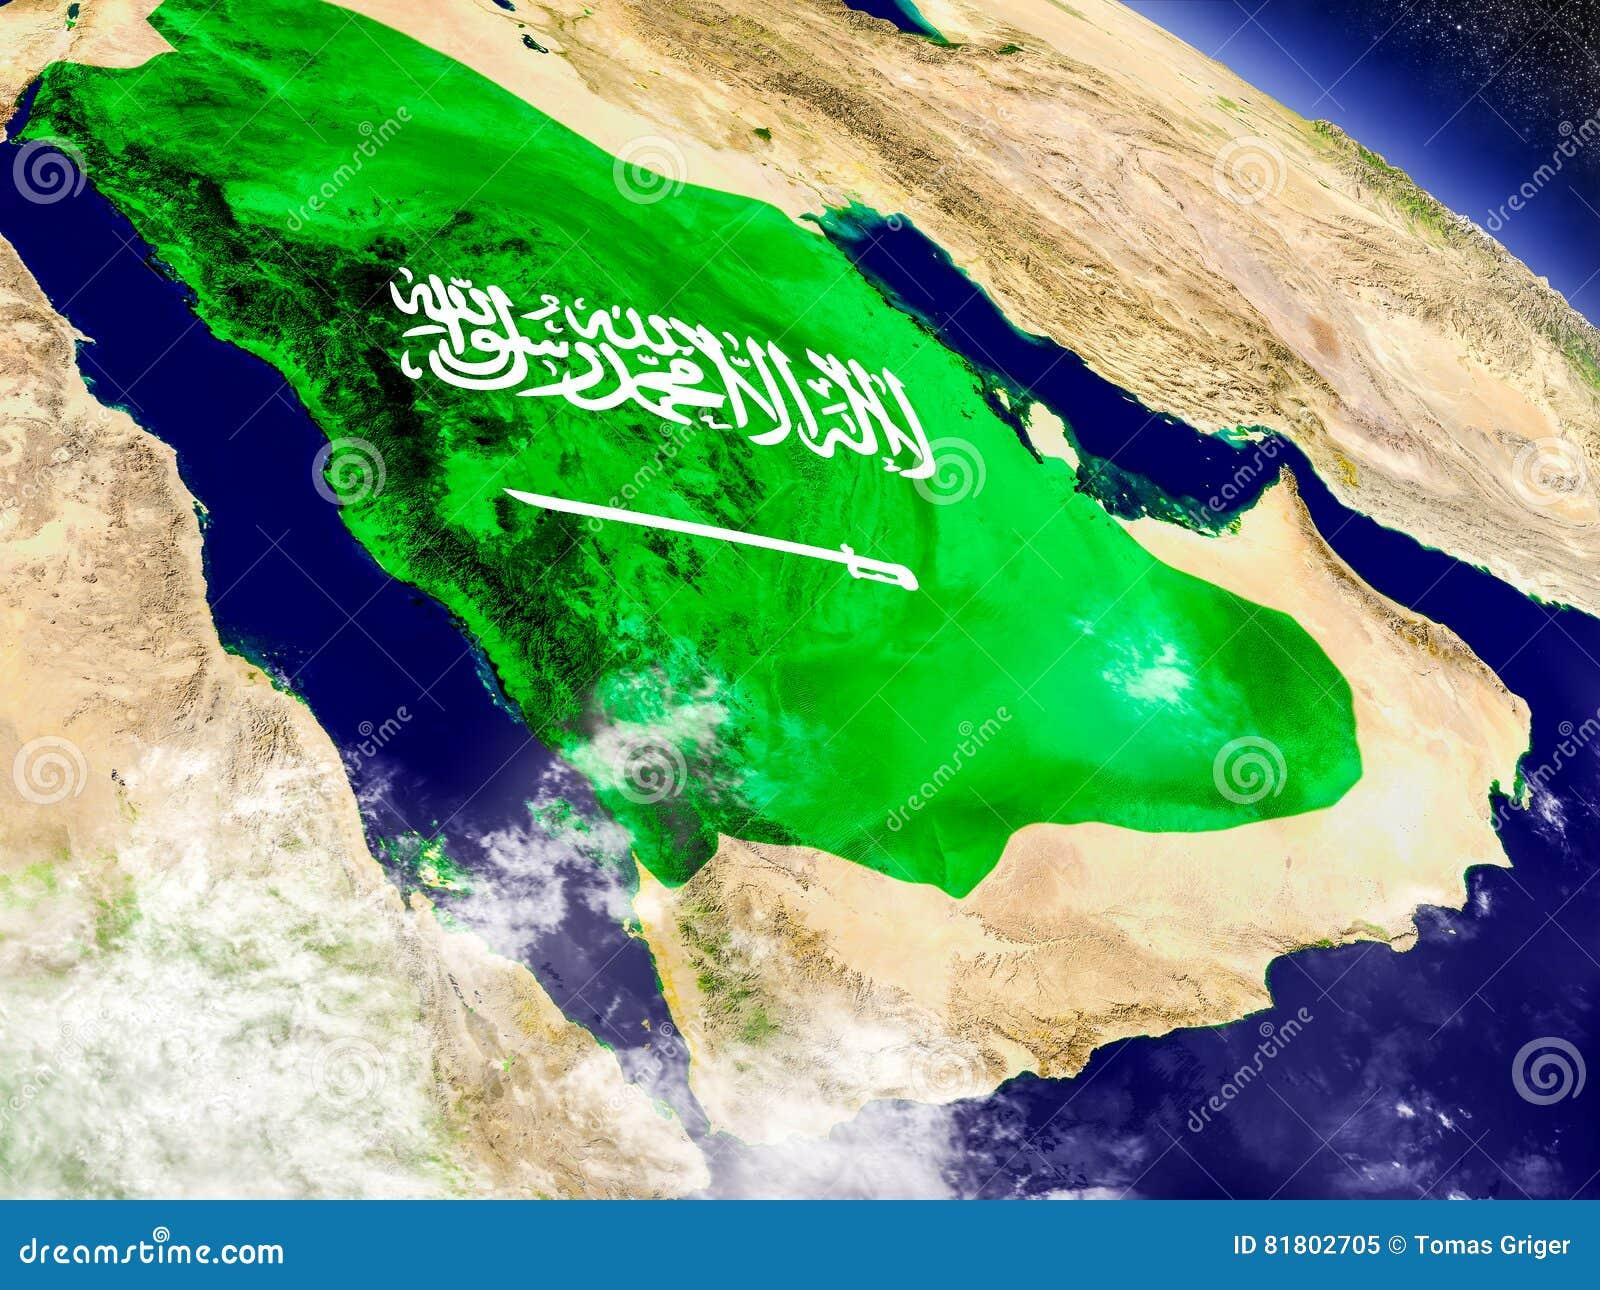 Саудовская Аравия с врезанным флагом на земле